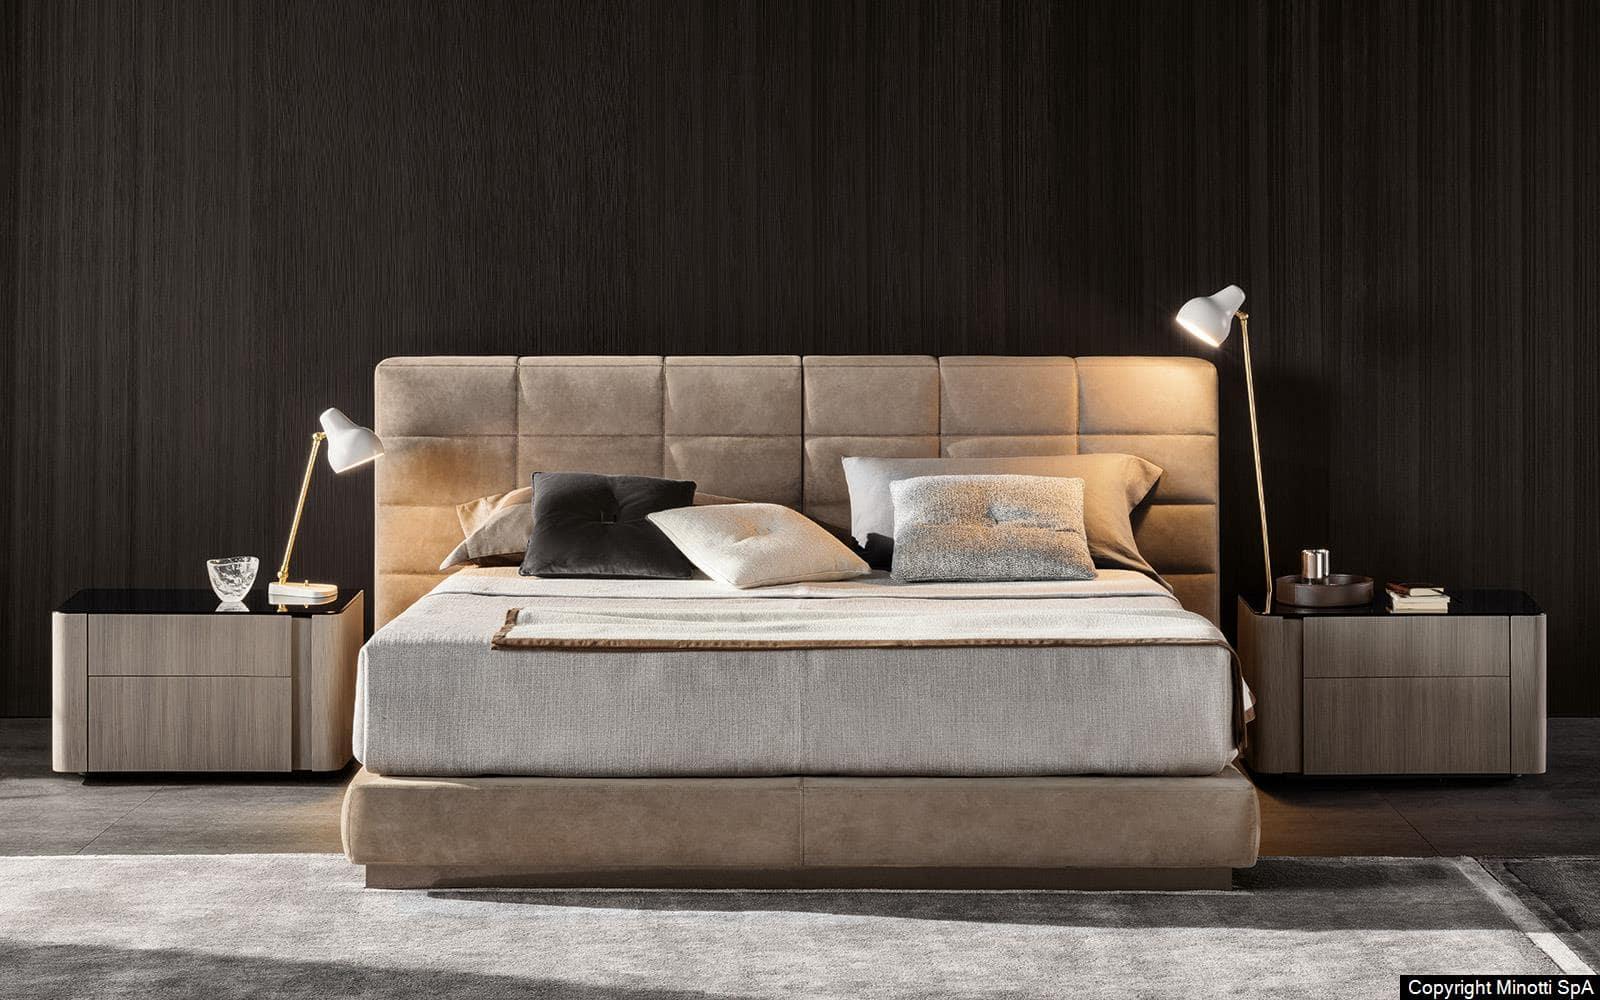 Không gian phòng ngủ trở nên ấn tượng với kiểu dáng giường thanh lịch